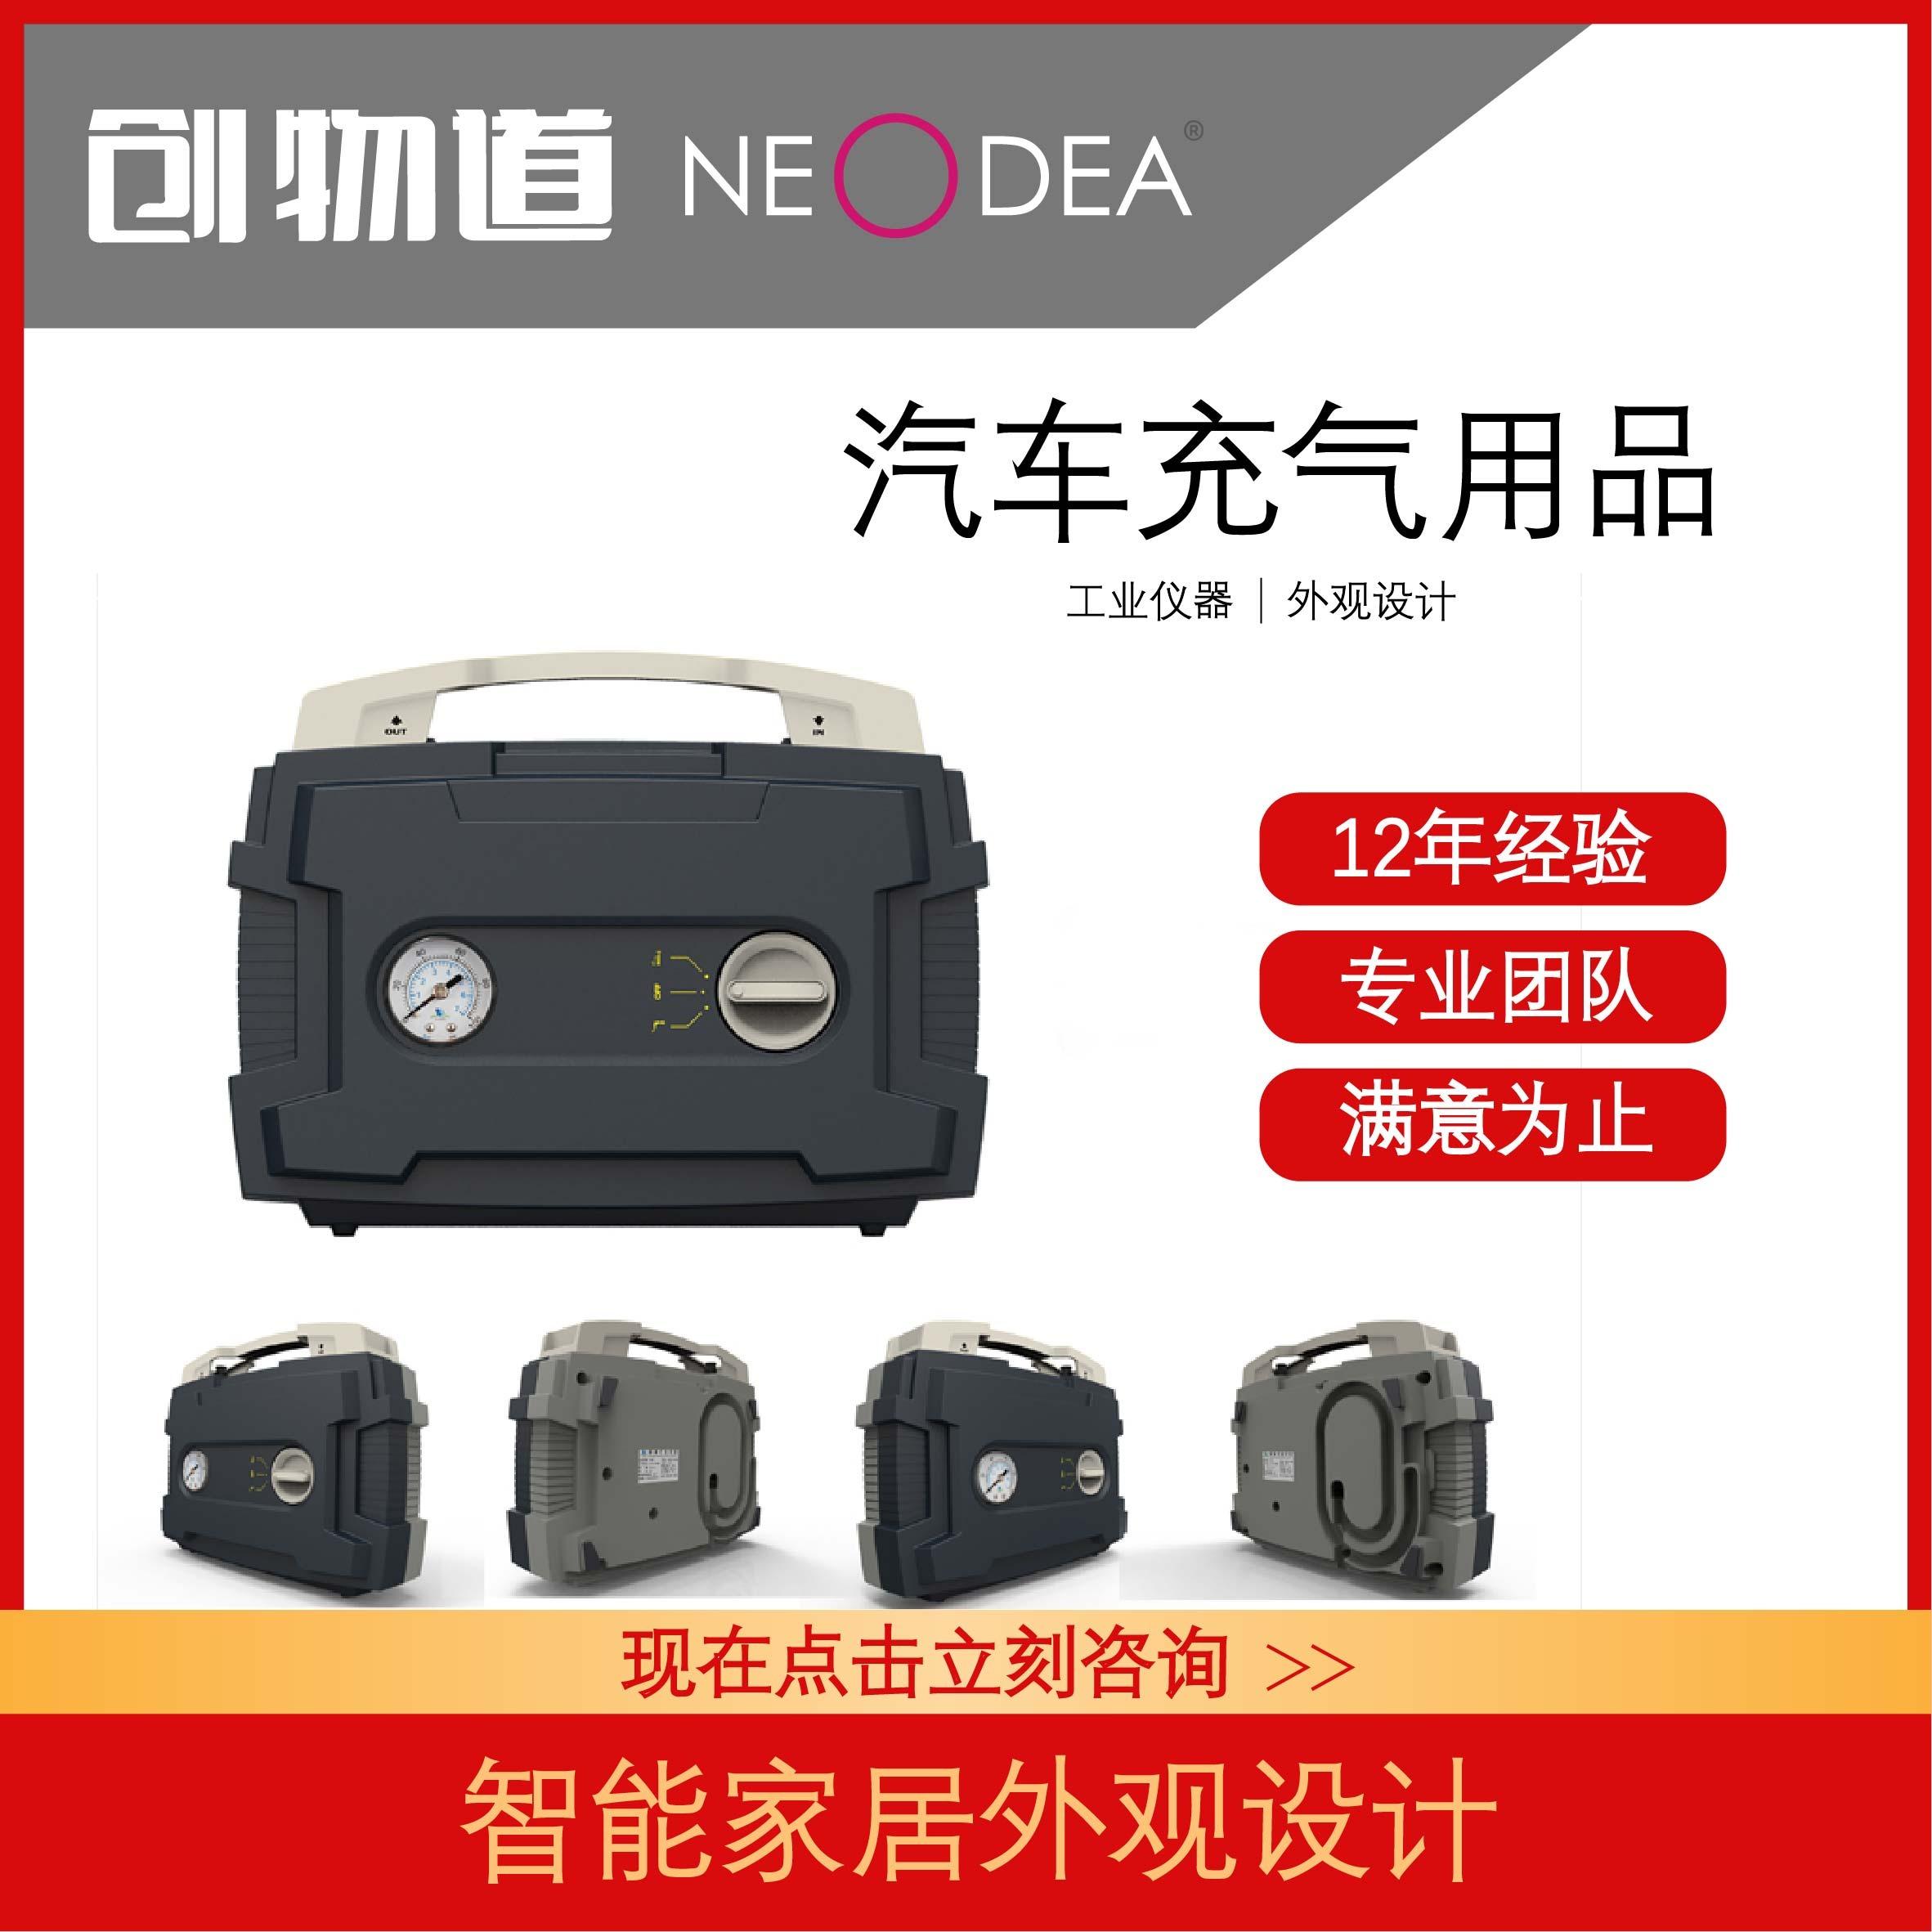 汽车充气用品工业 设计 电器智能家居充电桩空气检测净化外观结构